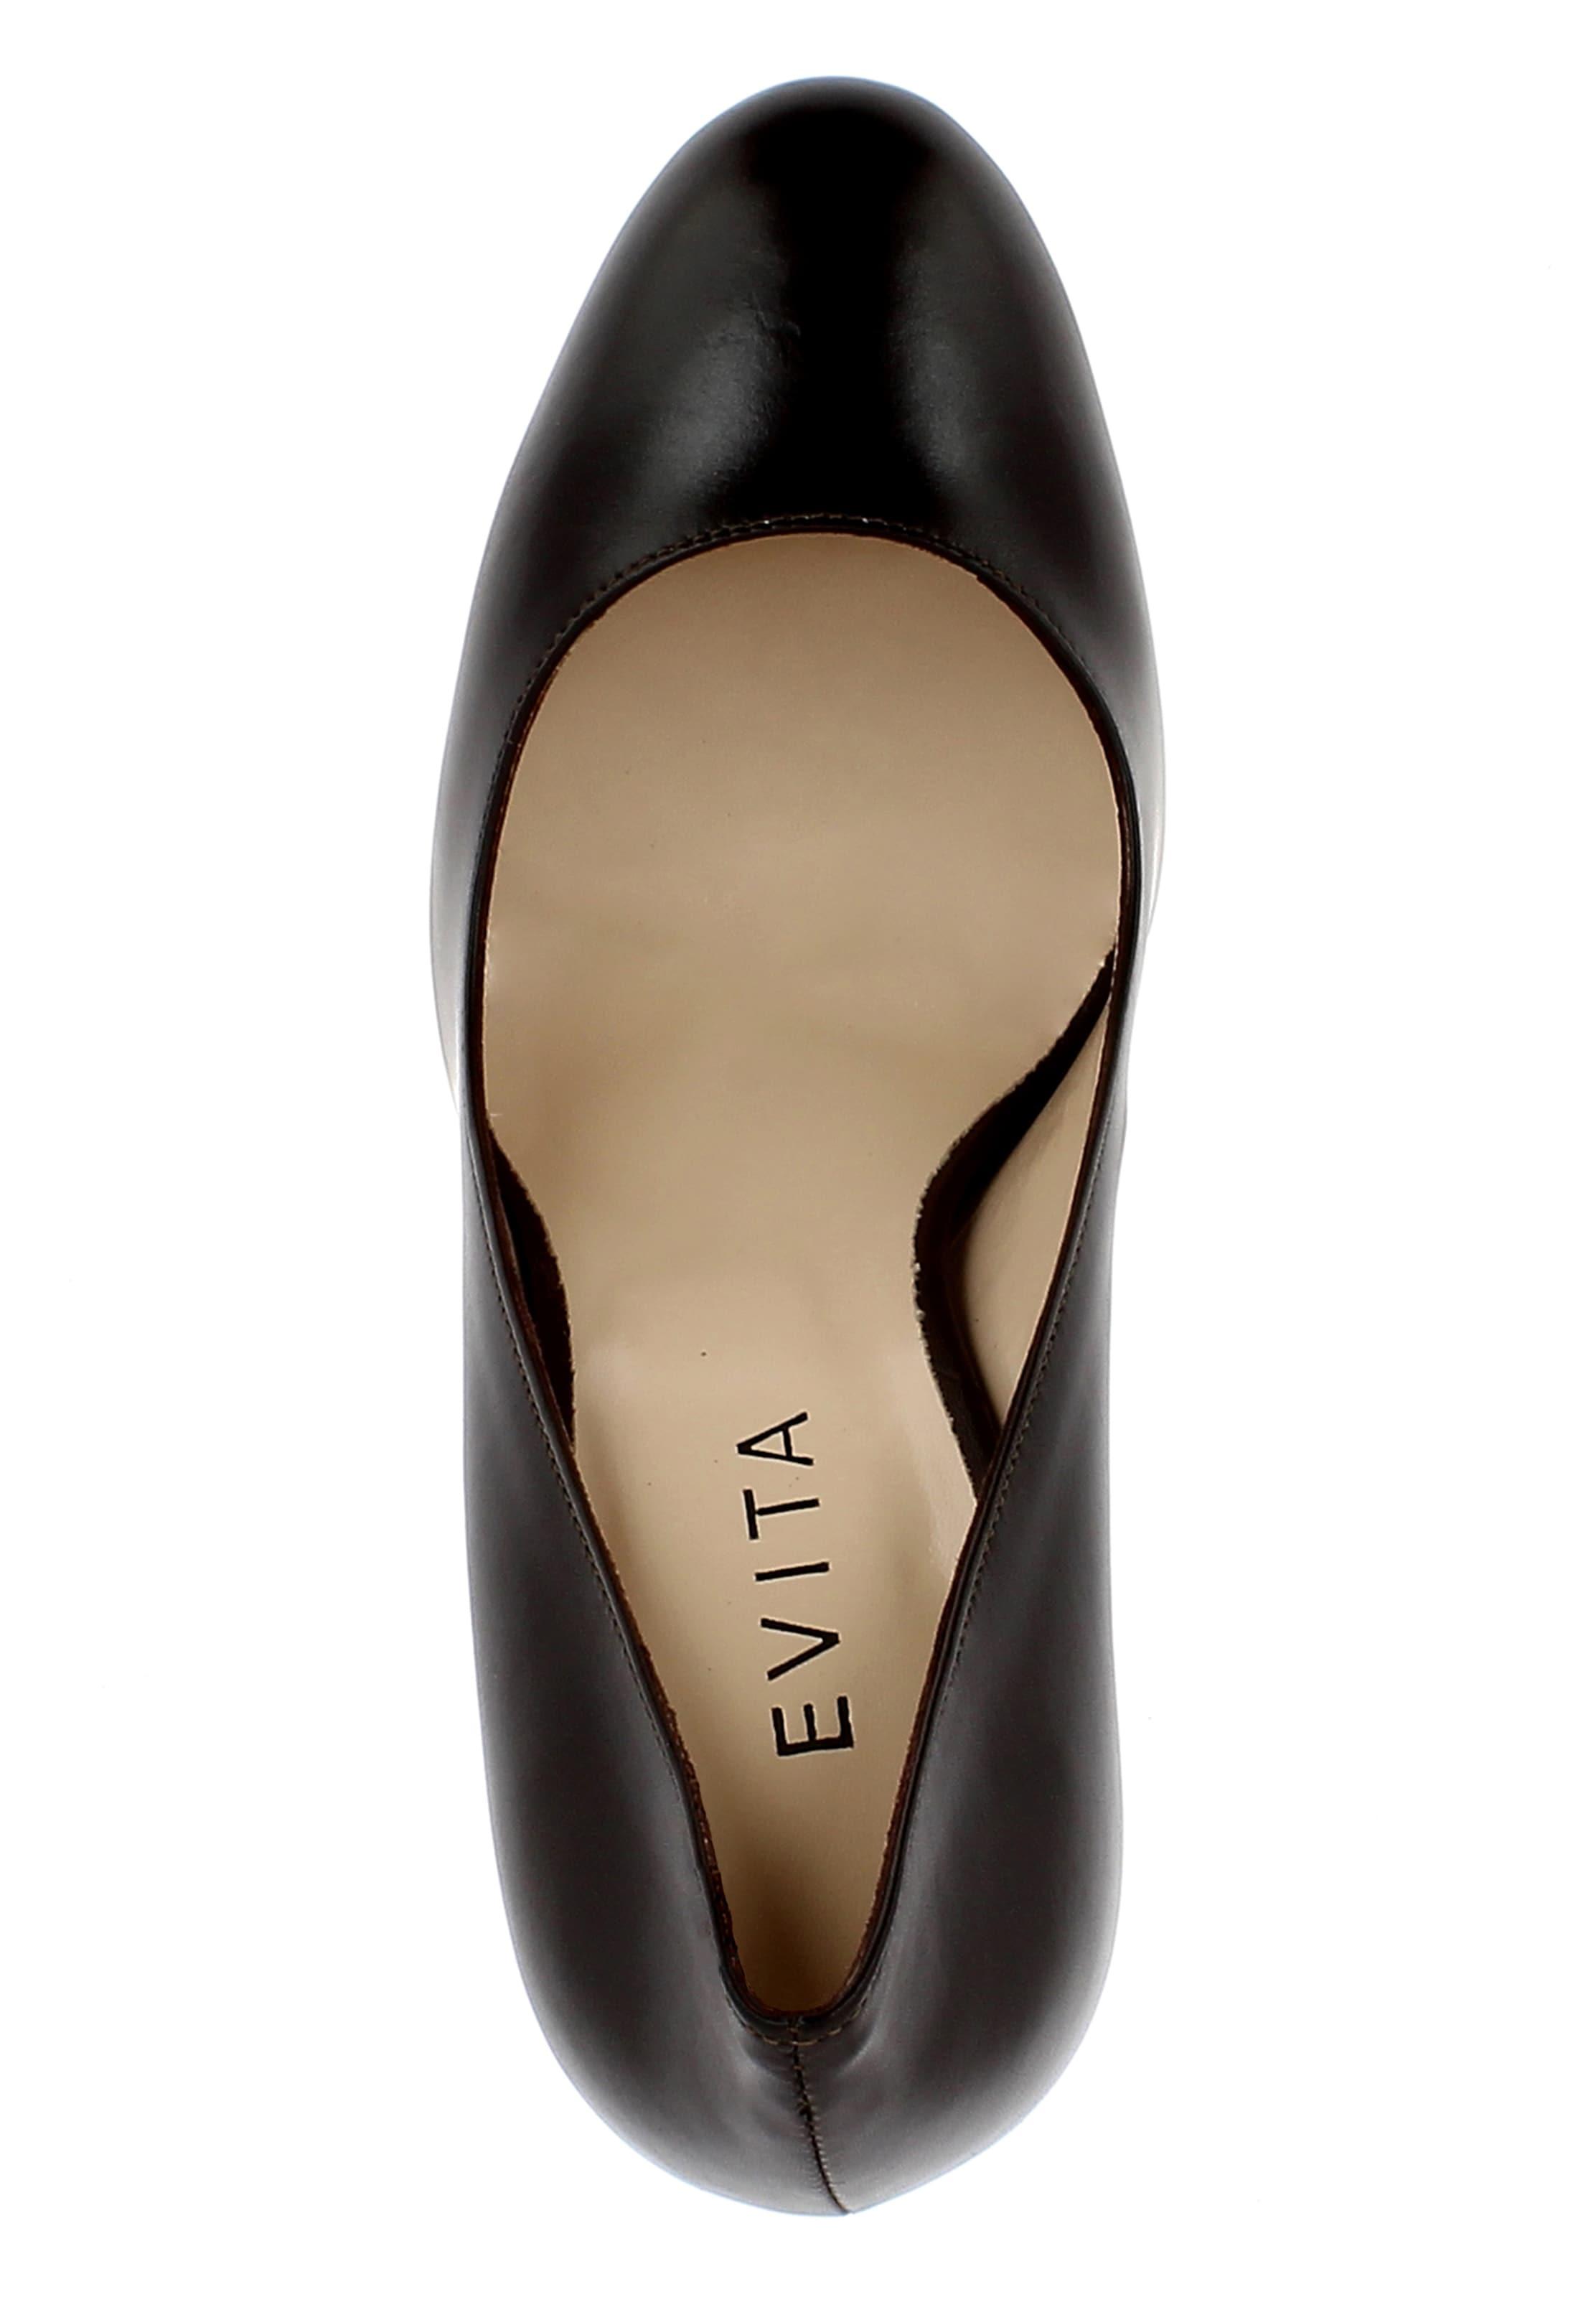 Evita Evita Escarpins Marron En Châtaigne Escarpins f6ybgY7